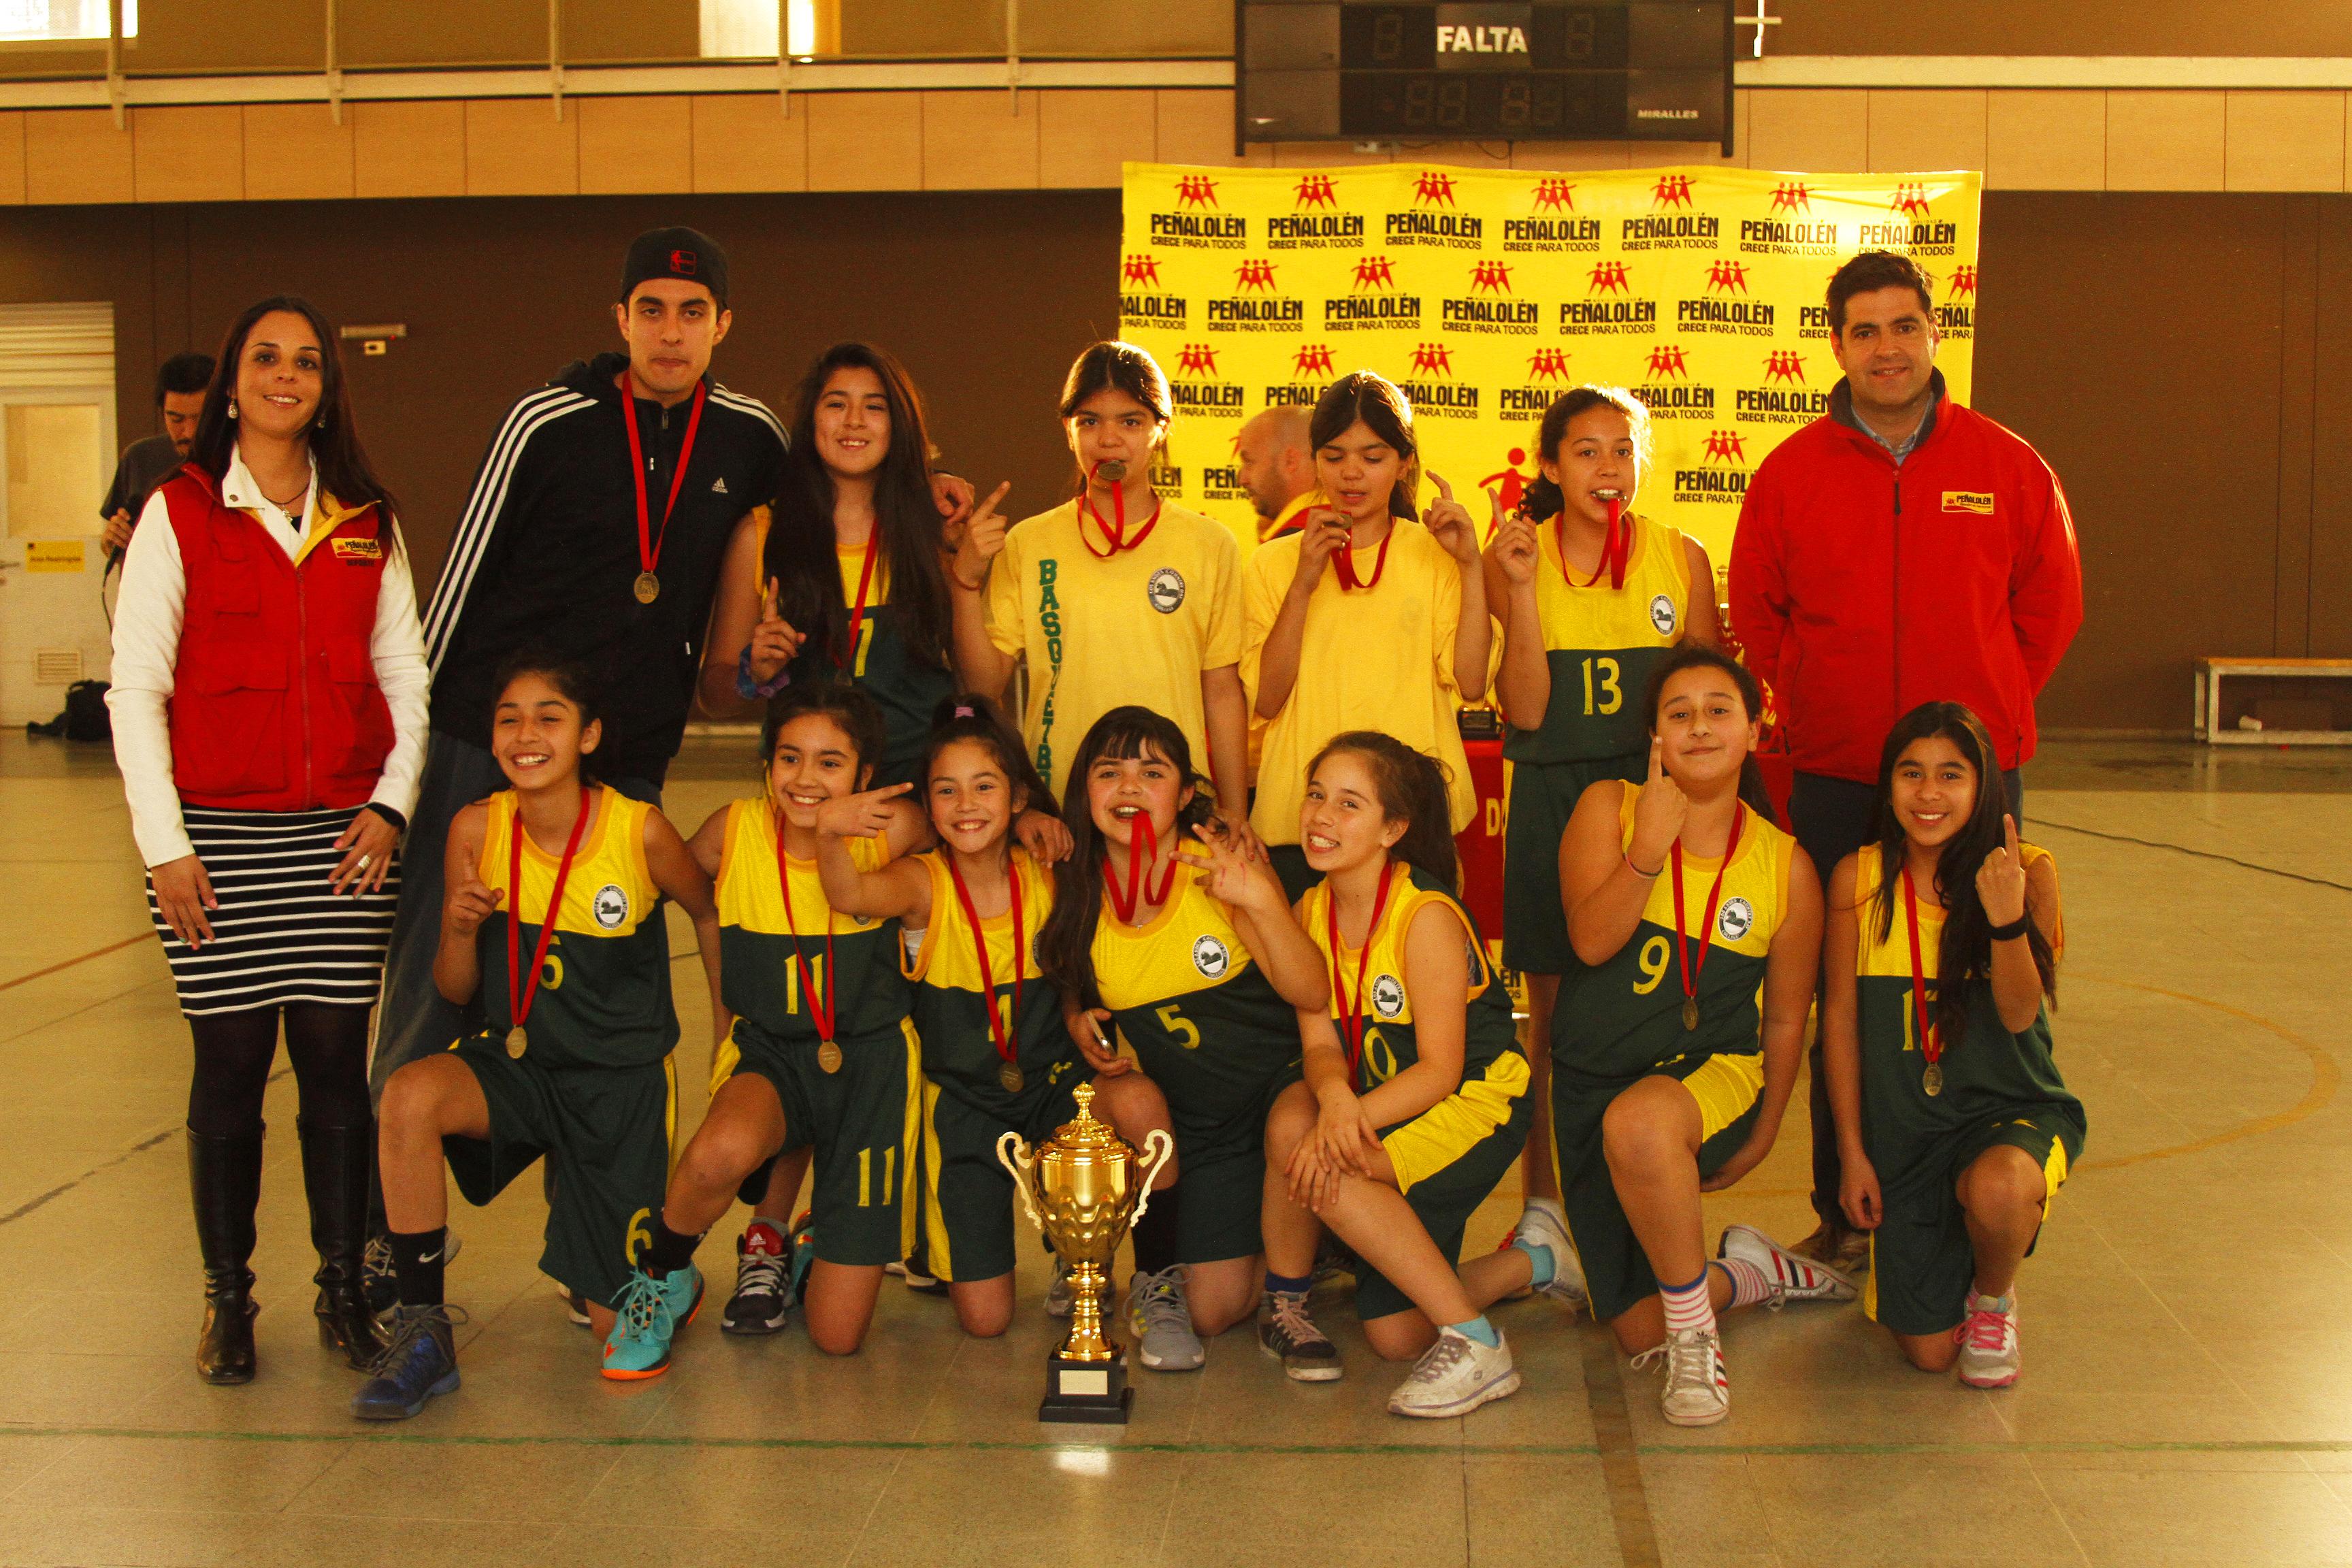 Los Andes Country Day , Campeón Damas Sub 14